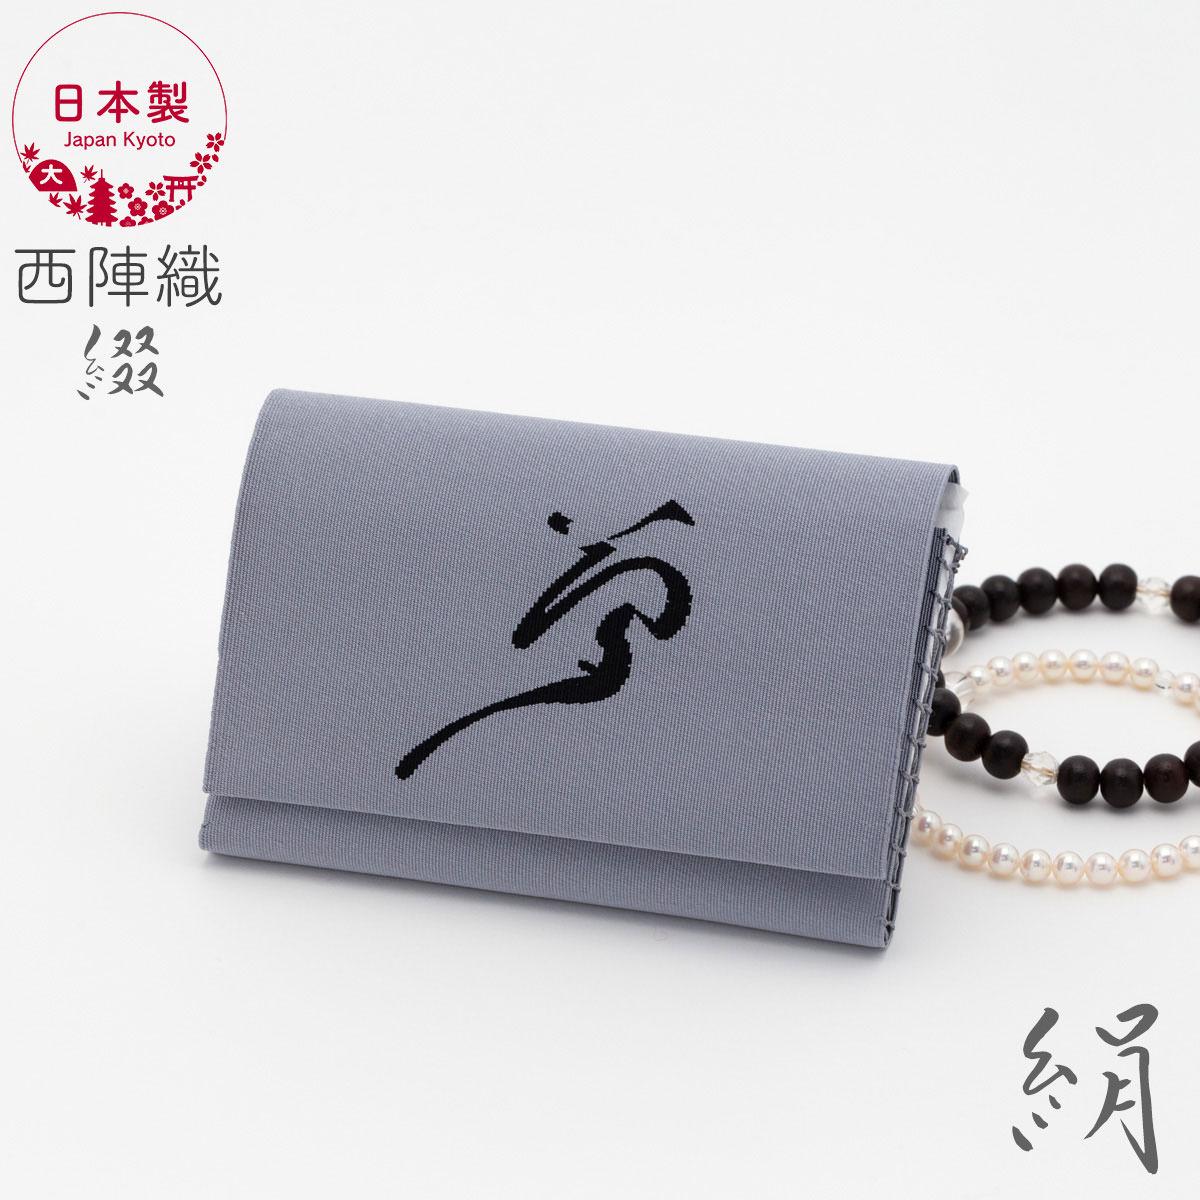 数珠袋 念珠袋 日本製 西陣爪掻本綴織 シルク100% 数珠入れ 念珠入れ 男性 女性 夢